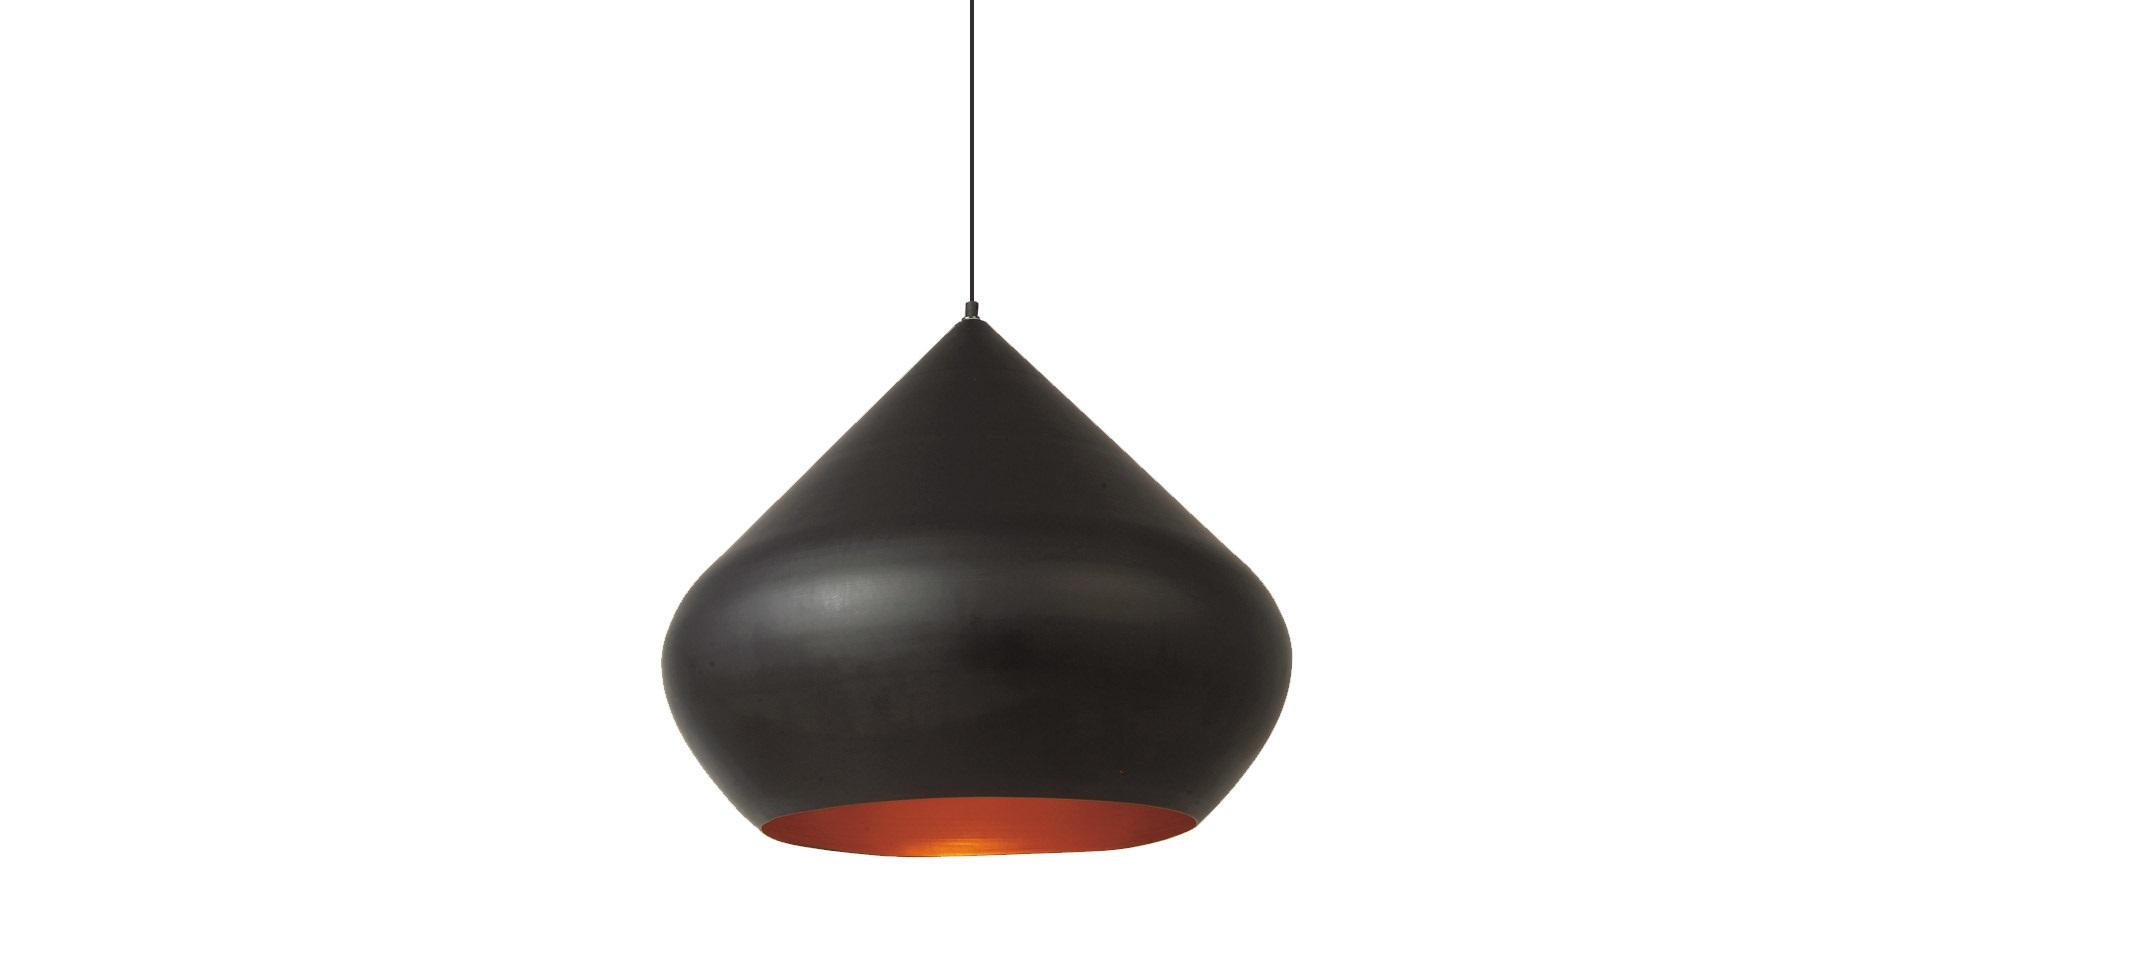 Светильник подвесной Granville Medium ChandelierПодвесные светильники<br>Лофт с элементами кабаре? Почему бы и нет? Светильник &amp;quot;Granville Medium Chandelier&amp;quot; имеет брутальный, но одновременно чувственный облик, который обеспечивается оригинальностью отделки. Необычный силуэт, снаружи окрашенный в мрачный черный цвет, внутри оформлен выразительной ярко-красной гаммой. Она позволяет свету приобретать мягкий оранжевый оттенок, а также делает аскетичный промышленный дизайн волнующе прекрасным.&amp;amp;nbsp;<br><br><br><br>&amp;lt;div&amp;gt;&amp;lt;br&amp;gt;&amp;lt;/div&amp;gt;&amp;lt;div&amp;gt;Выполнен из металла. Высота светильника регулируется.&amp;lt;/div&amp;gt;&amp;lt;div&amp;gt;Тип лампы: накаливания, E27&amp;lt;/div&amp;gt;&amp;lt;div&amp;gt;Мощность: 1 x 60 Вт&amp;lt;/div&amp;gt;&amp;lt;div&amp;gt;Количество лампочек: 1&amp;lt;/div&amp;gt;&amp;lt;div&amp;gt;Лампочка в комплект не входят&amp;lt;/div&amp;gt;<br><br>Material: Металл<br>Ширина см: 40<br>Высота см: 50<br>Глубина см: 40